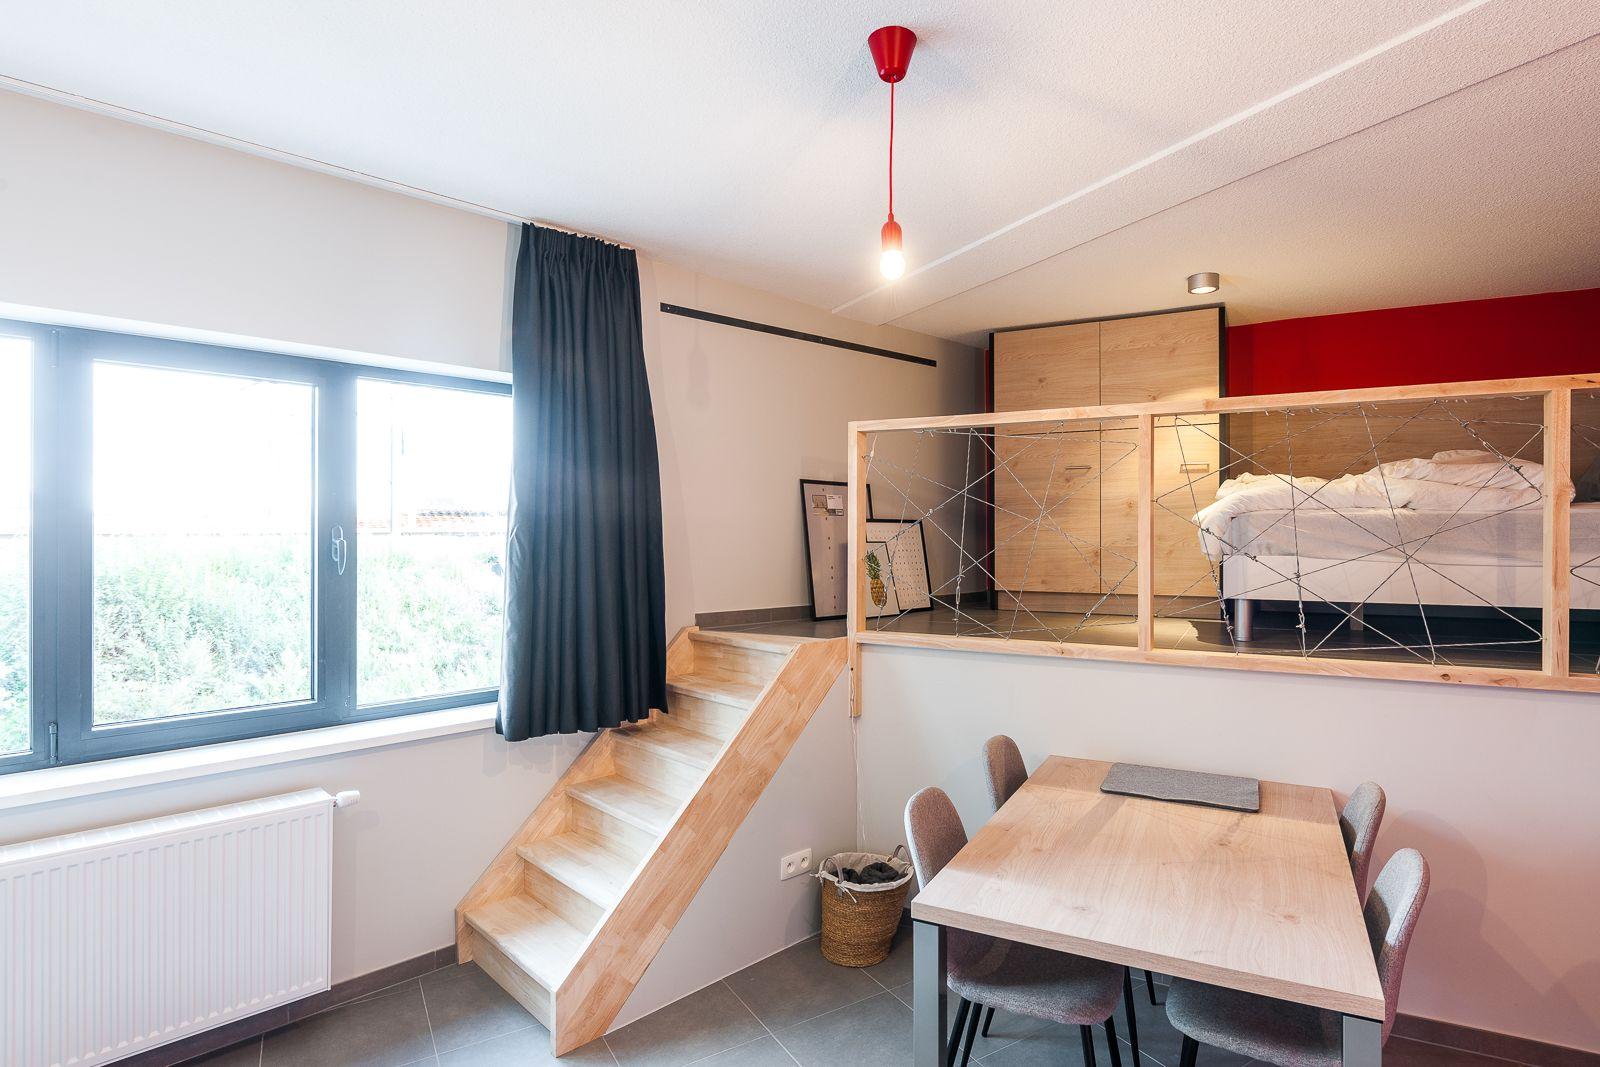 Studio in Timi Upkot. Student room, studentenkamer, studentenkot ...